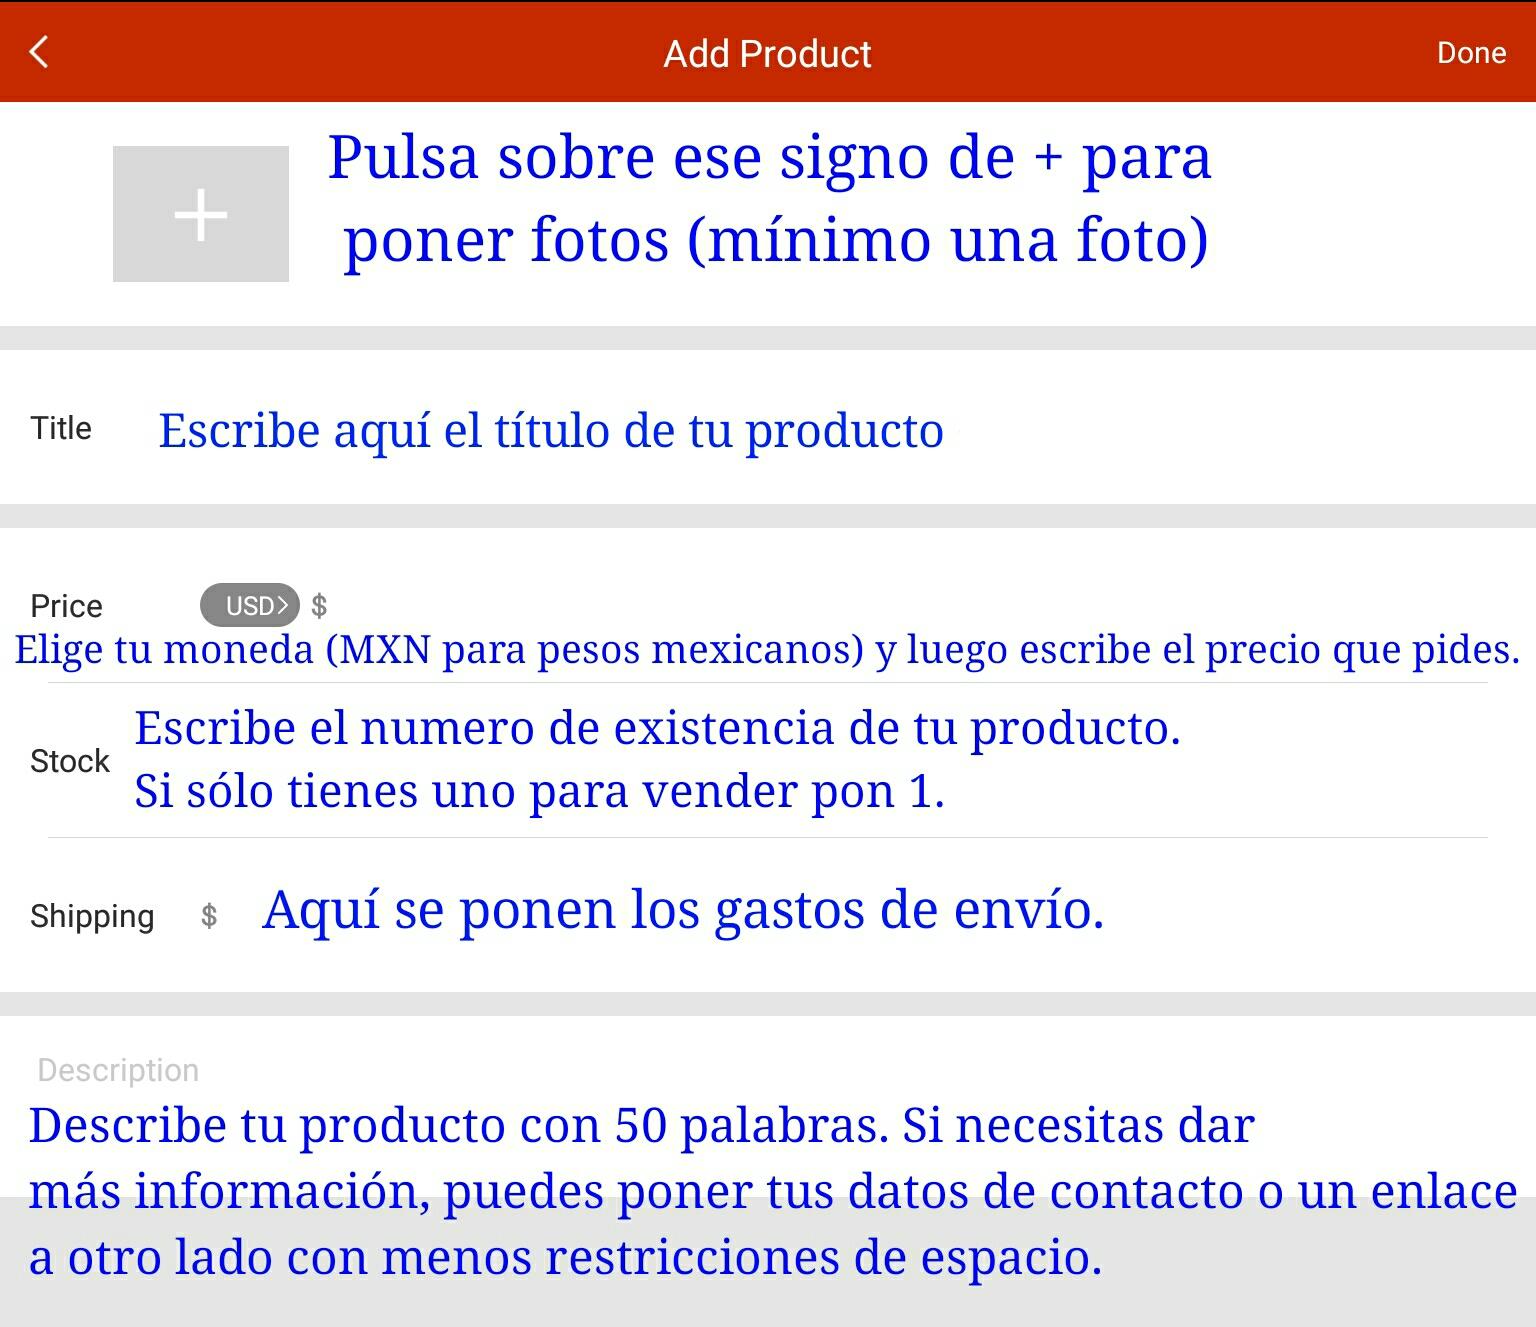 Explicación de cómo agregar producto. Ver glosario para ver lo que significa cada palabra en inglés.